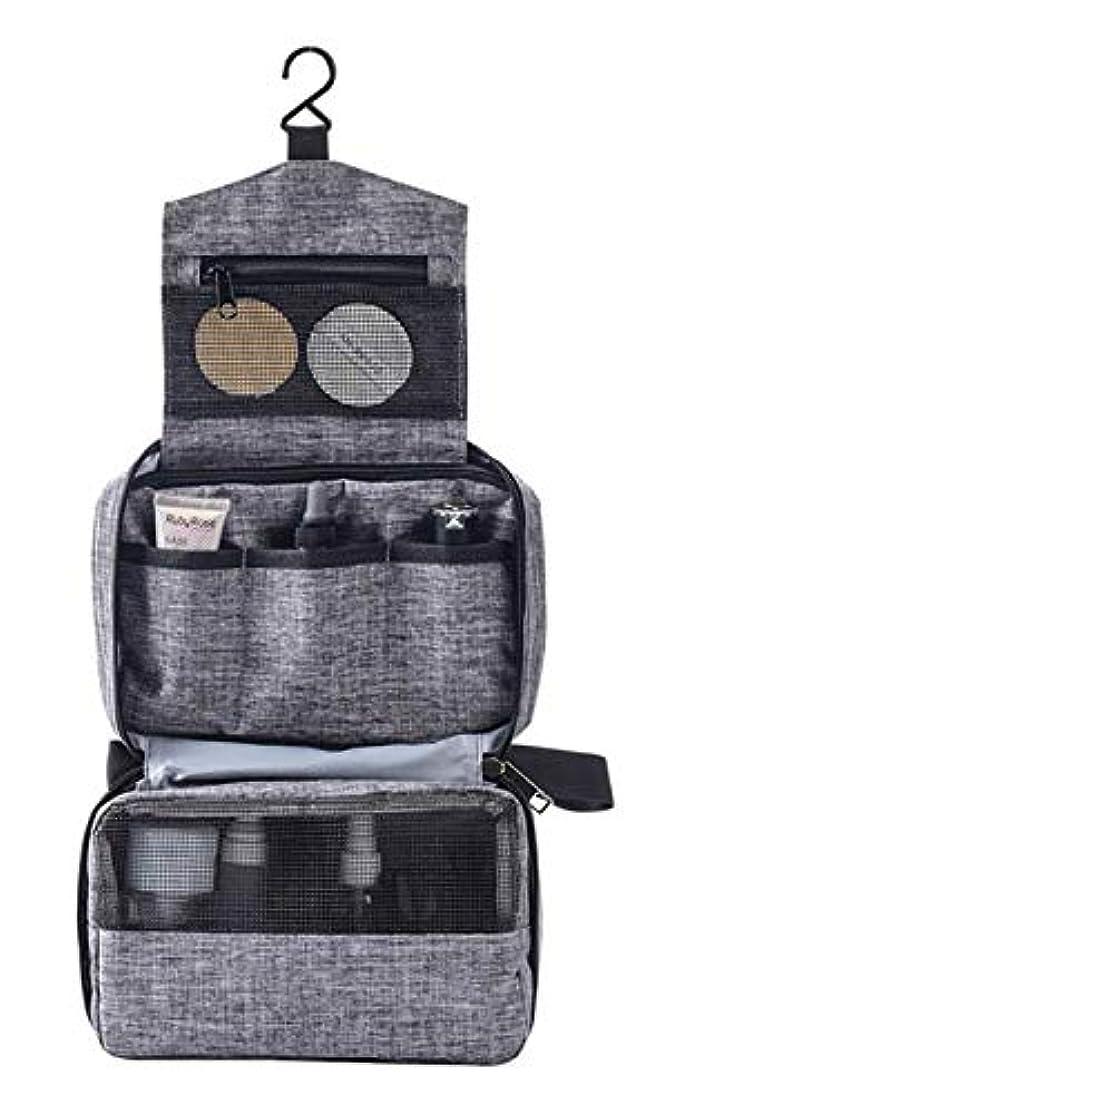 一貫した批判するぞっとするような化粧品袋 旅行トイレタリーバッグ軽量ハンギング化粧品オーガナイザーフックメイクポーチシャワー付き女性と男性用